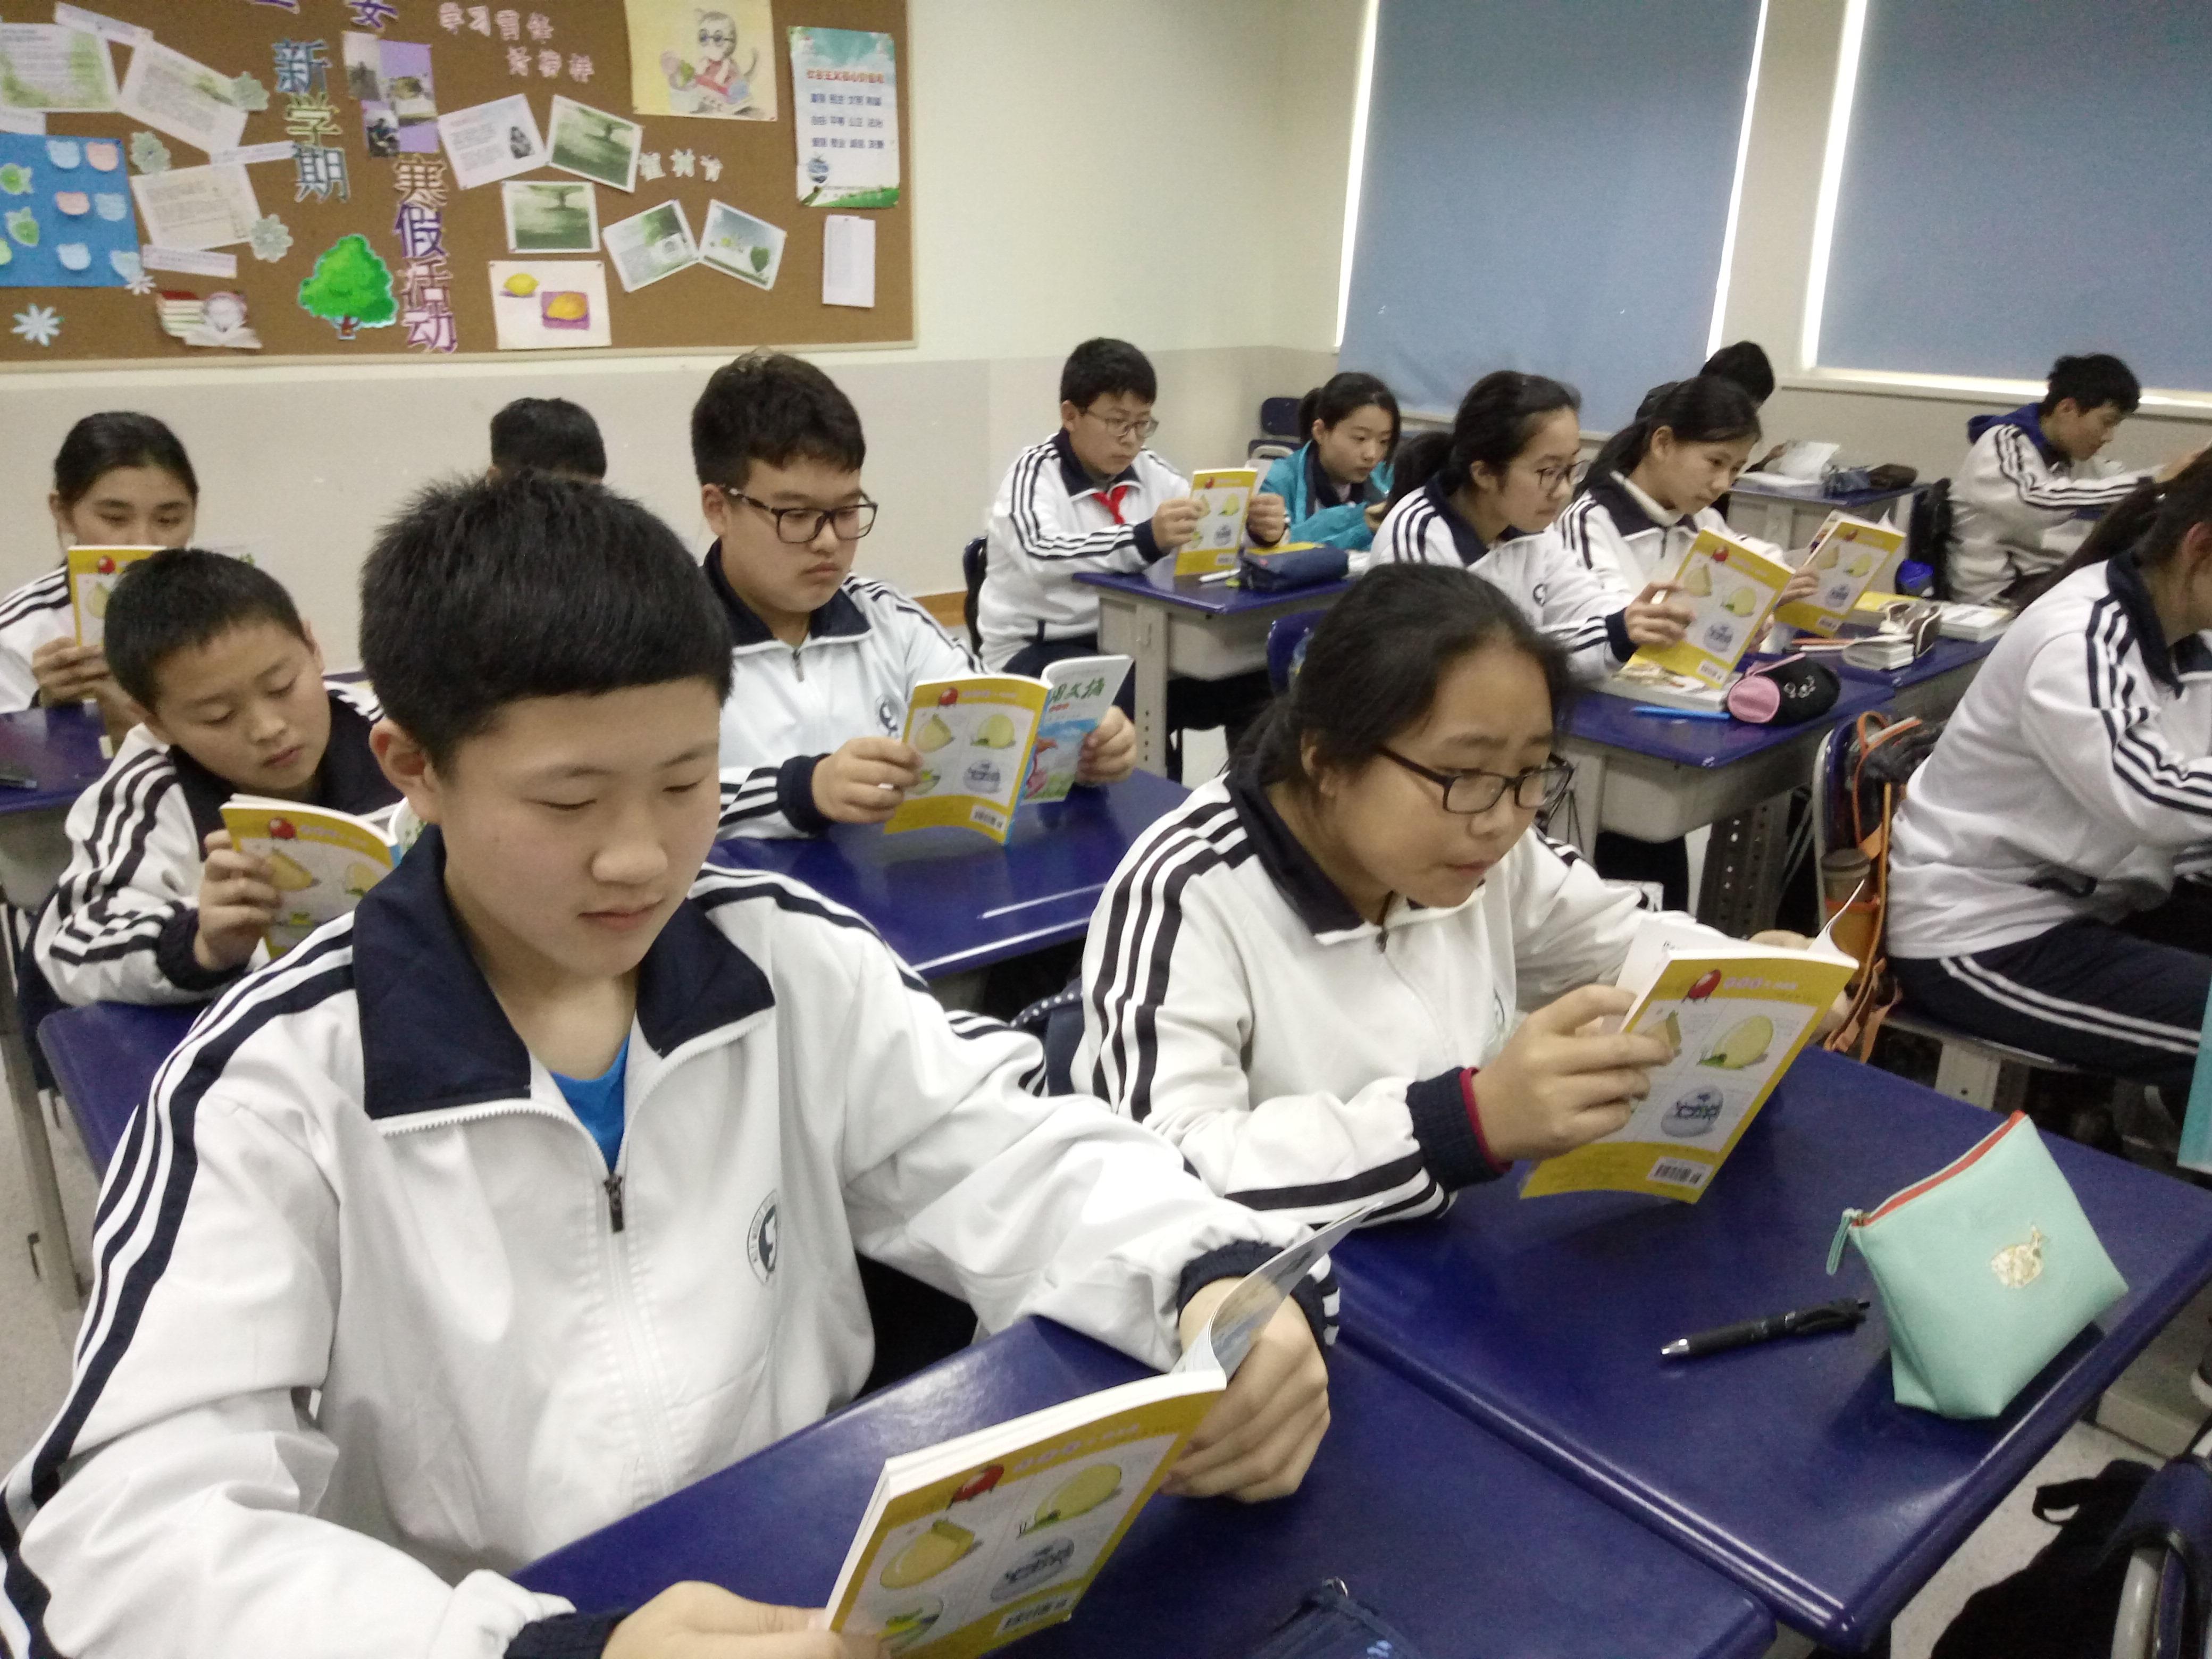 除此之外,青岛第五中学有学生自行管理的书吧,加上学校多年来一直坚持开展读书节活动,开展过图书漂流、亲子共读、名言书签设计比赛、读书辩论赛 对于杂志铺的杂志漂流活动,兰老师认为,既为学生们带来了全新的阅读体验,也更好的配合了学校的读书工程, 让读书成为时尚,让书香飘满学校的校园。希望漂流活动能一直坚持下去,让越来越多的学校、学生可以参加,可以从中获益。 杂志漂流免费申领入口:扫描下方二维码-进入公众号-点击杂志漂流报名(填写报名表)即可申领。